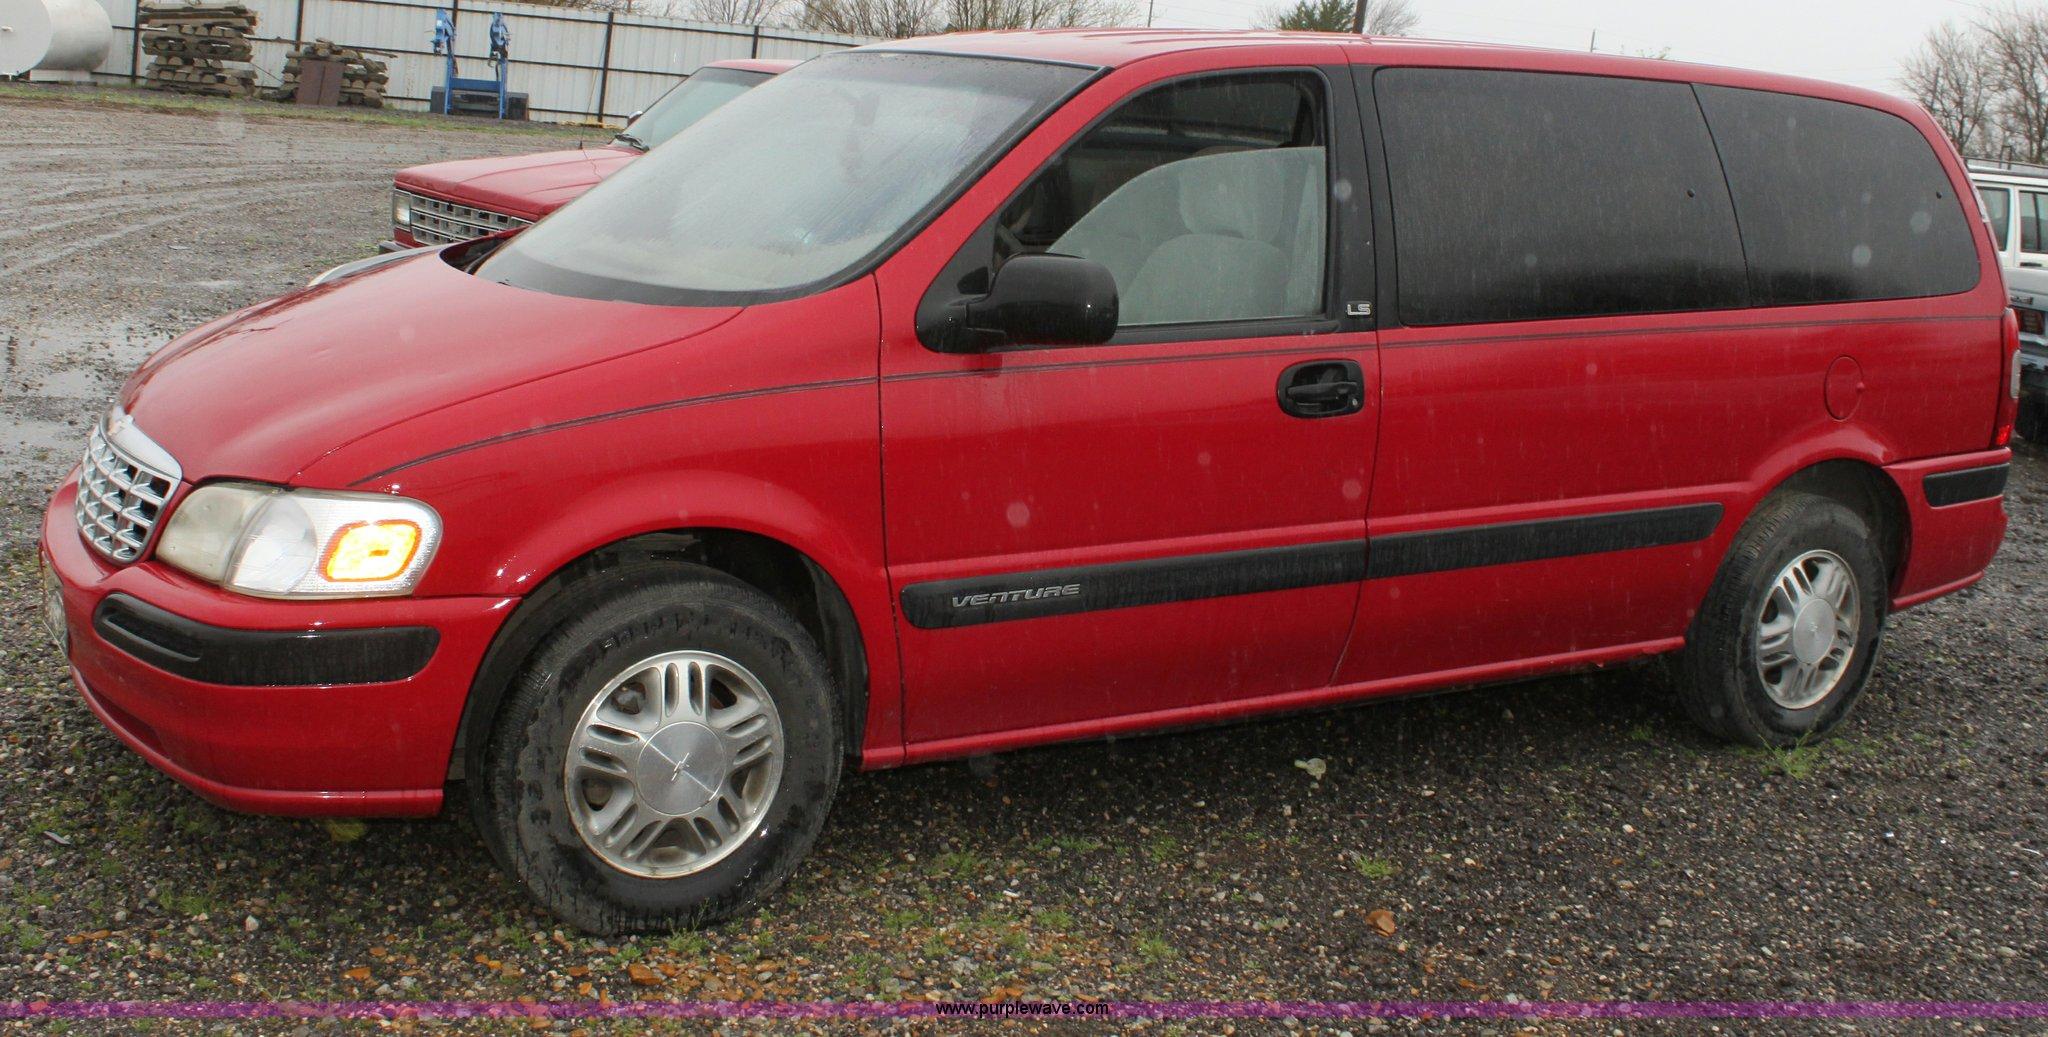 1997 chevrolet venture mini van full size in new window